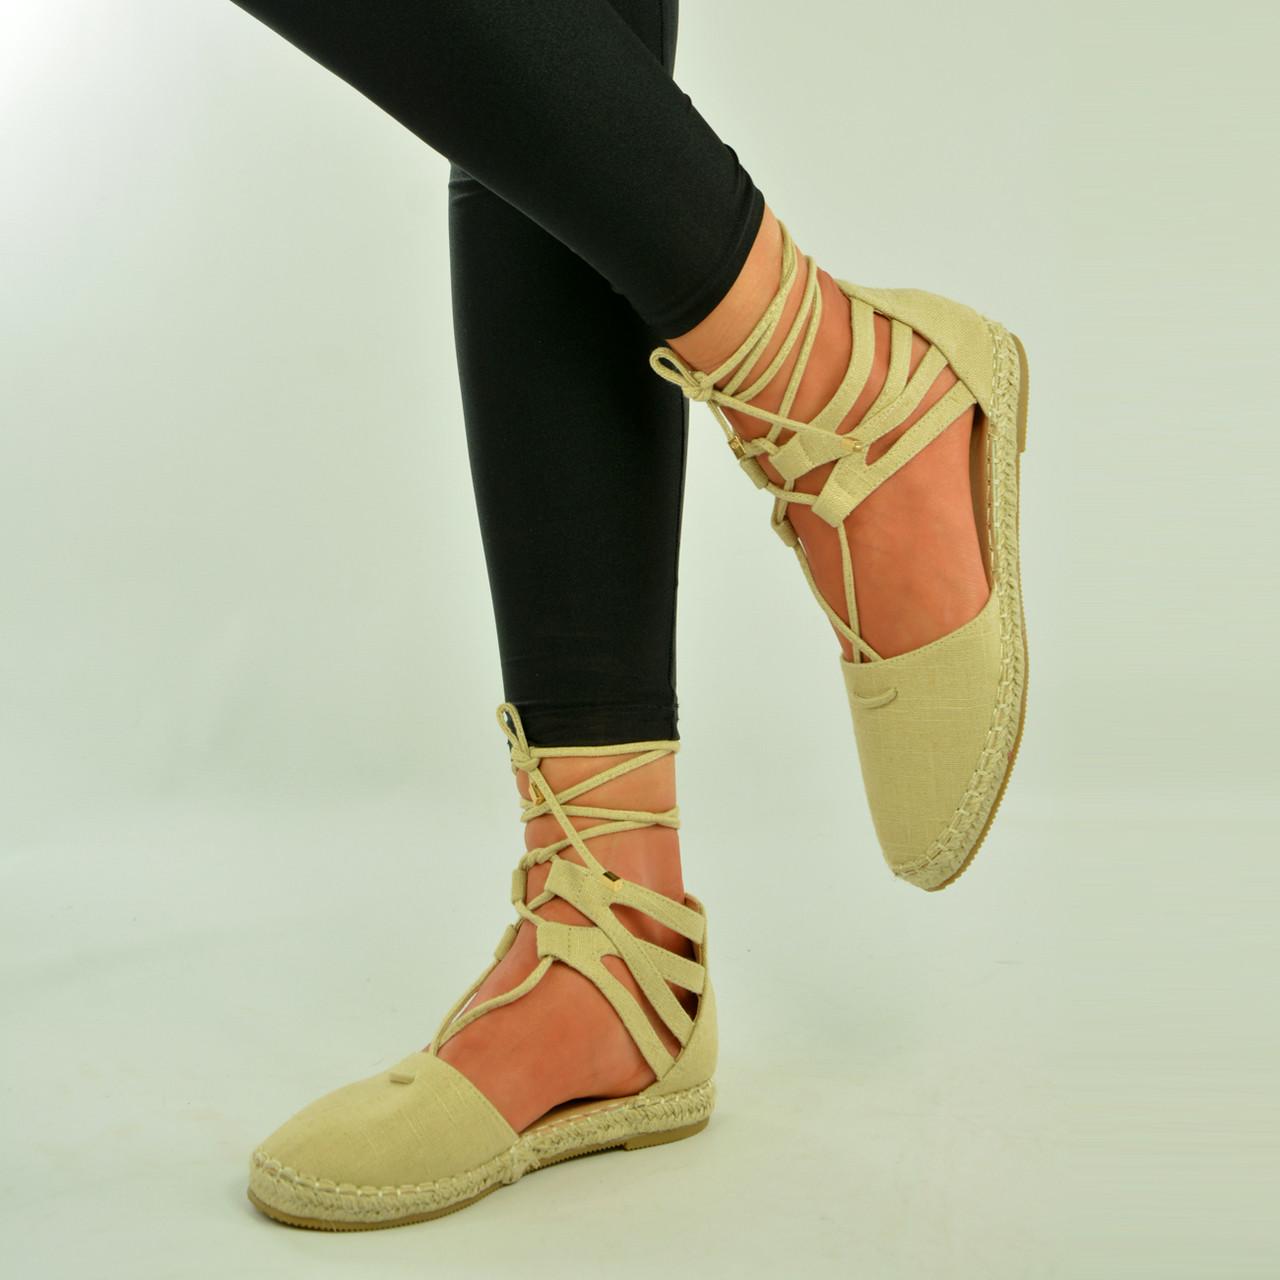 7d970556f5b26 New Womens Ladies Beige Suede Espadrilles Lace Up Sandals Shoes Size Uk 3-8